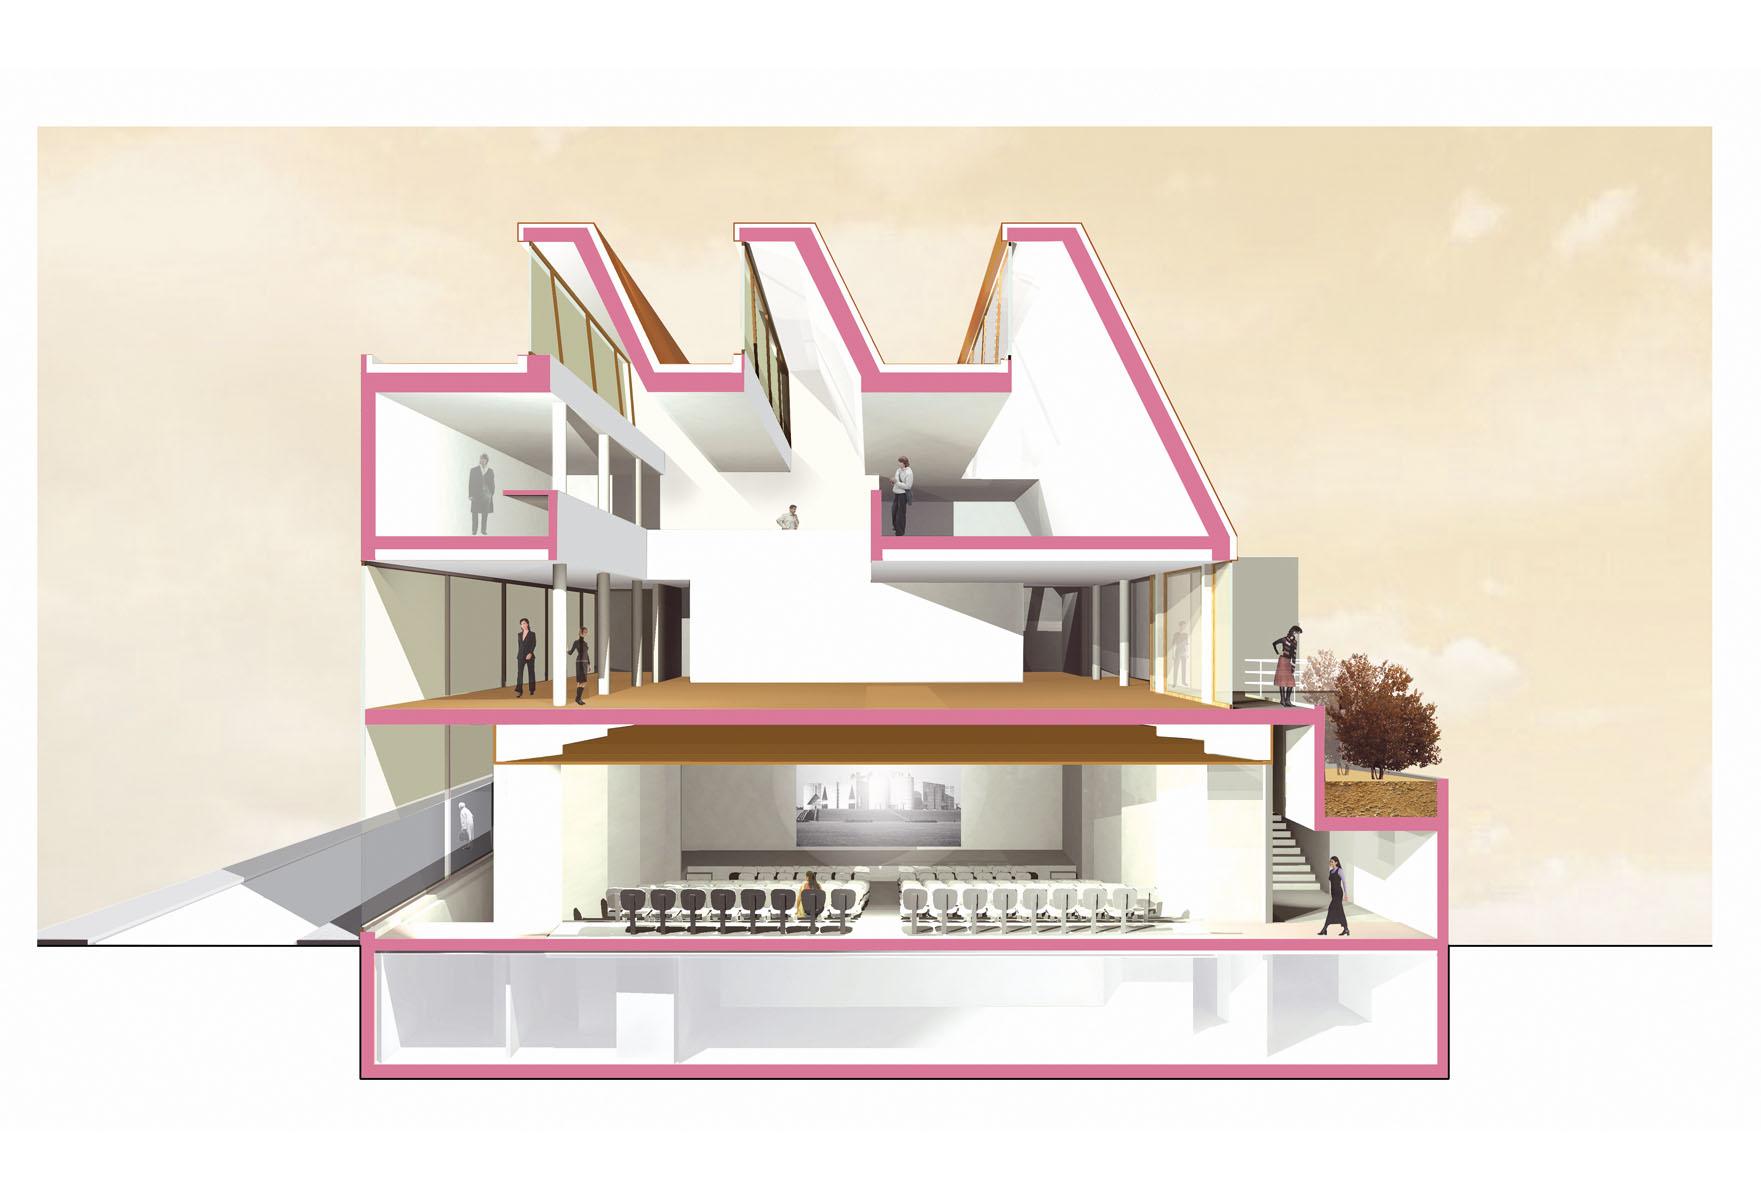 Ecole architecture marseille concours Ecole architecture